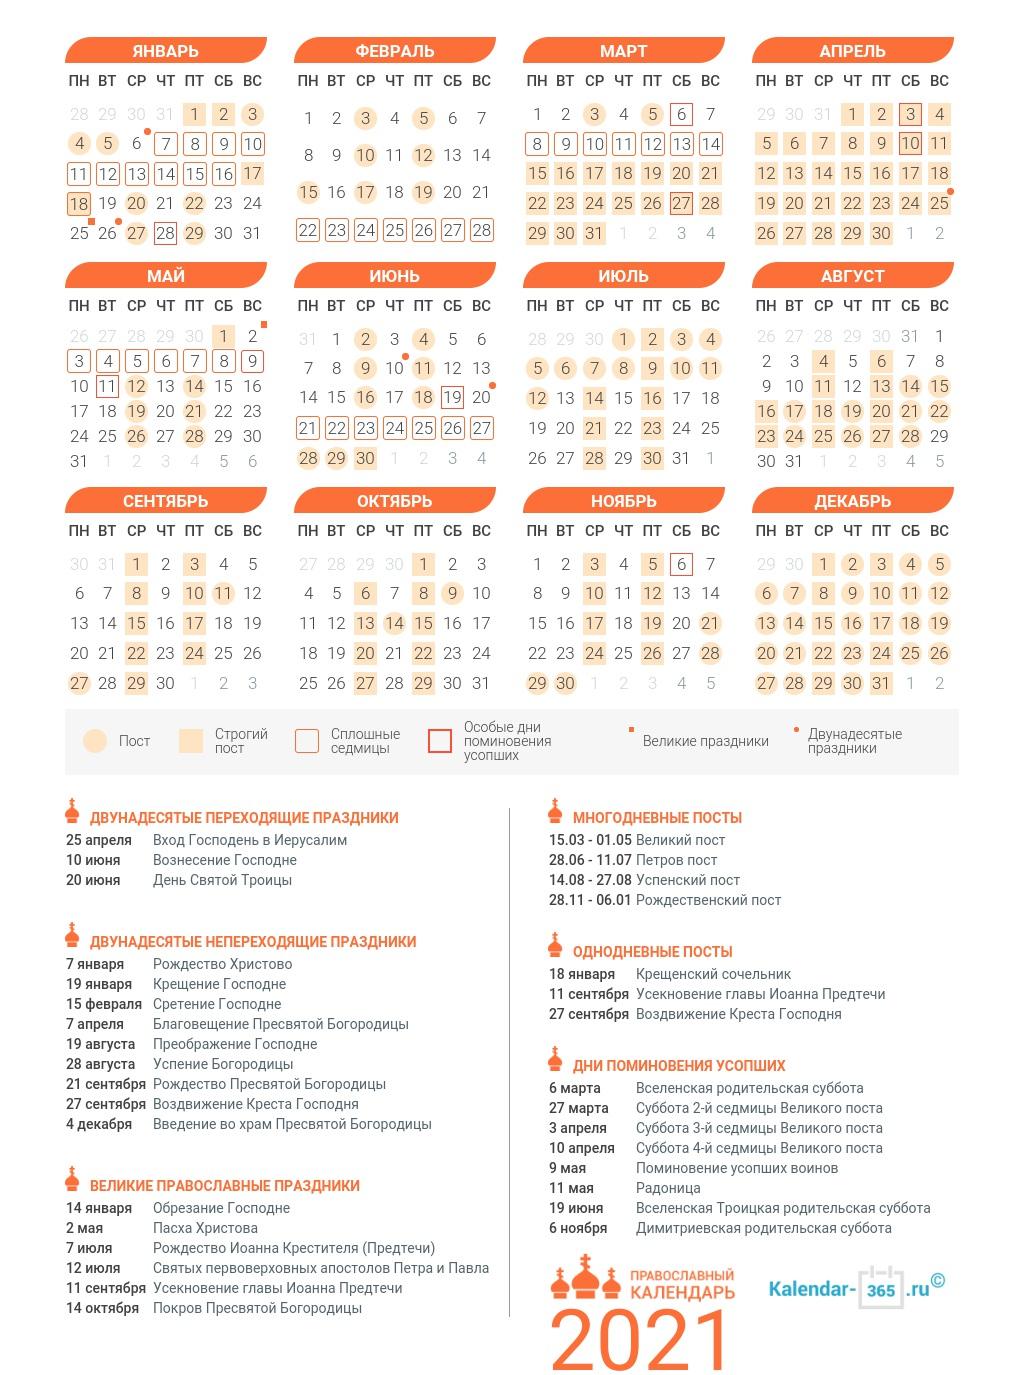 3967 Церковный православный календарь на май 2021 года